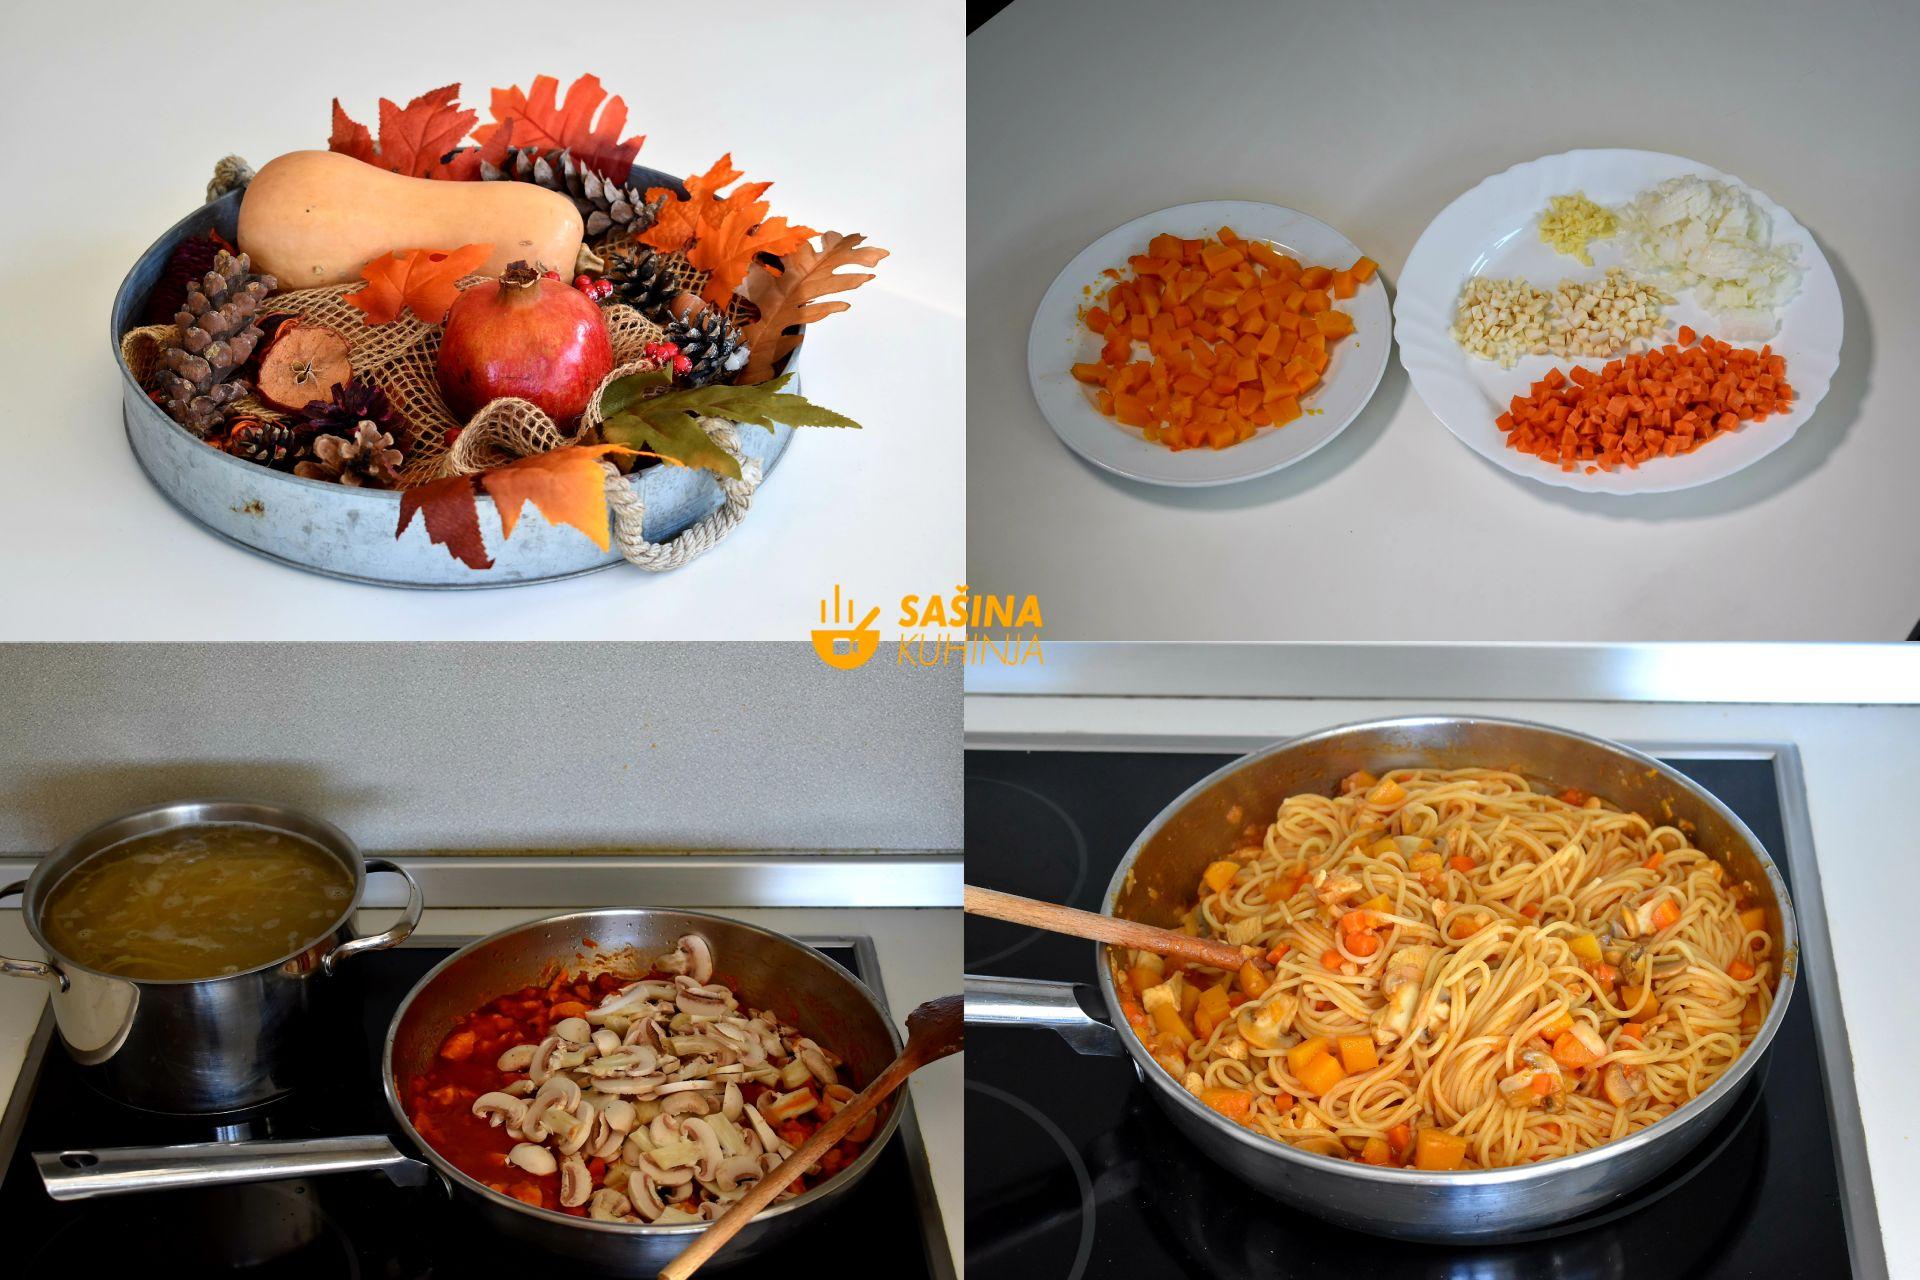 jesenja tjestenina sa piletinom šampinjonima butternut tikvom